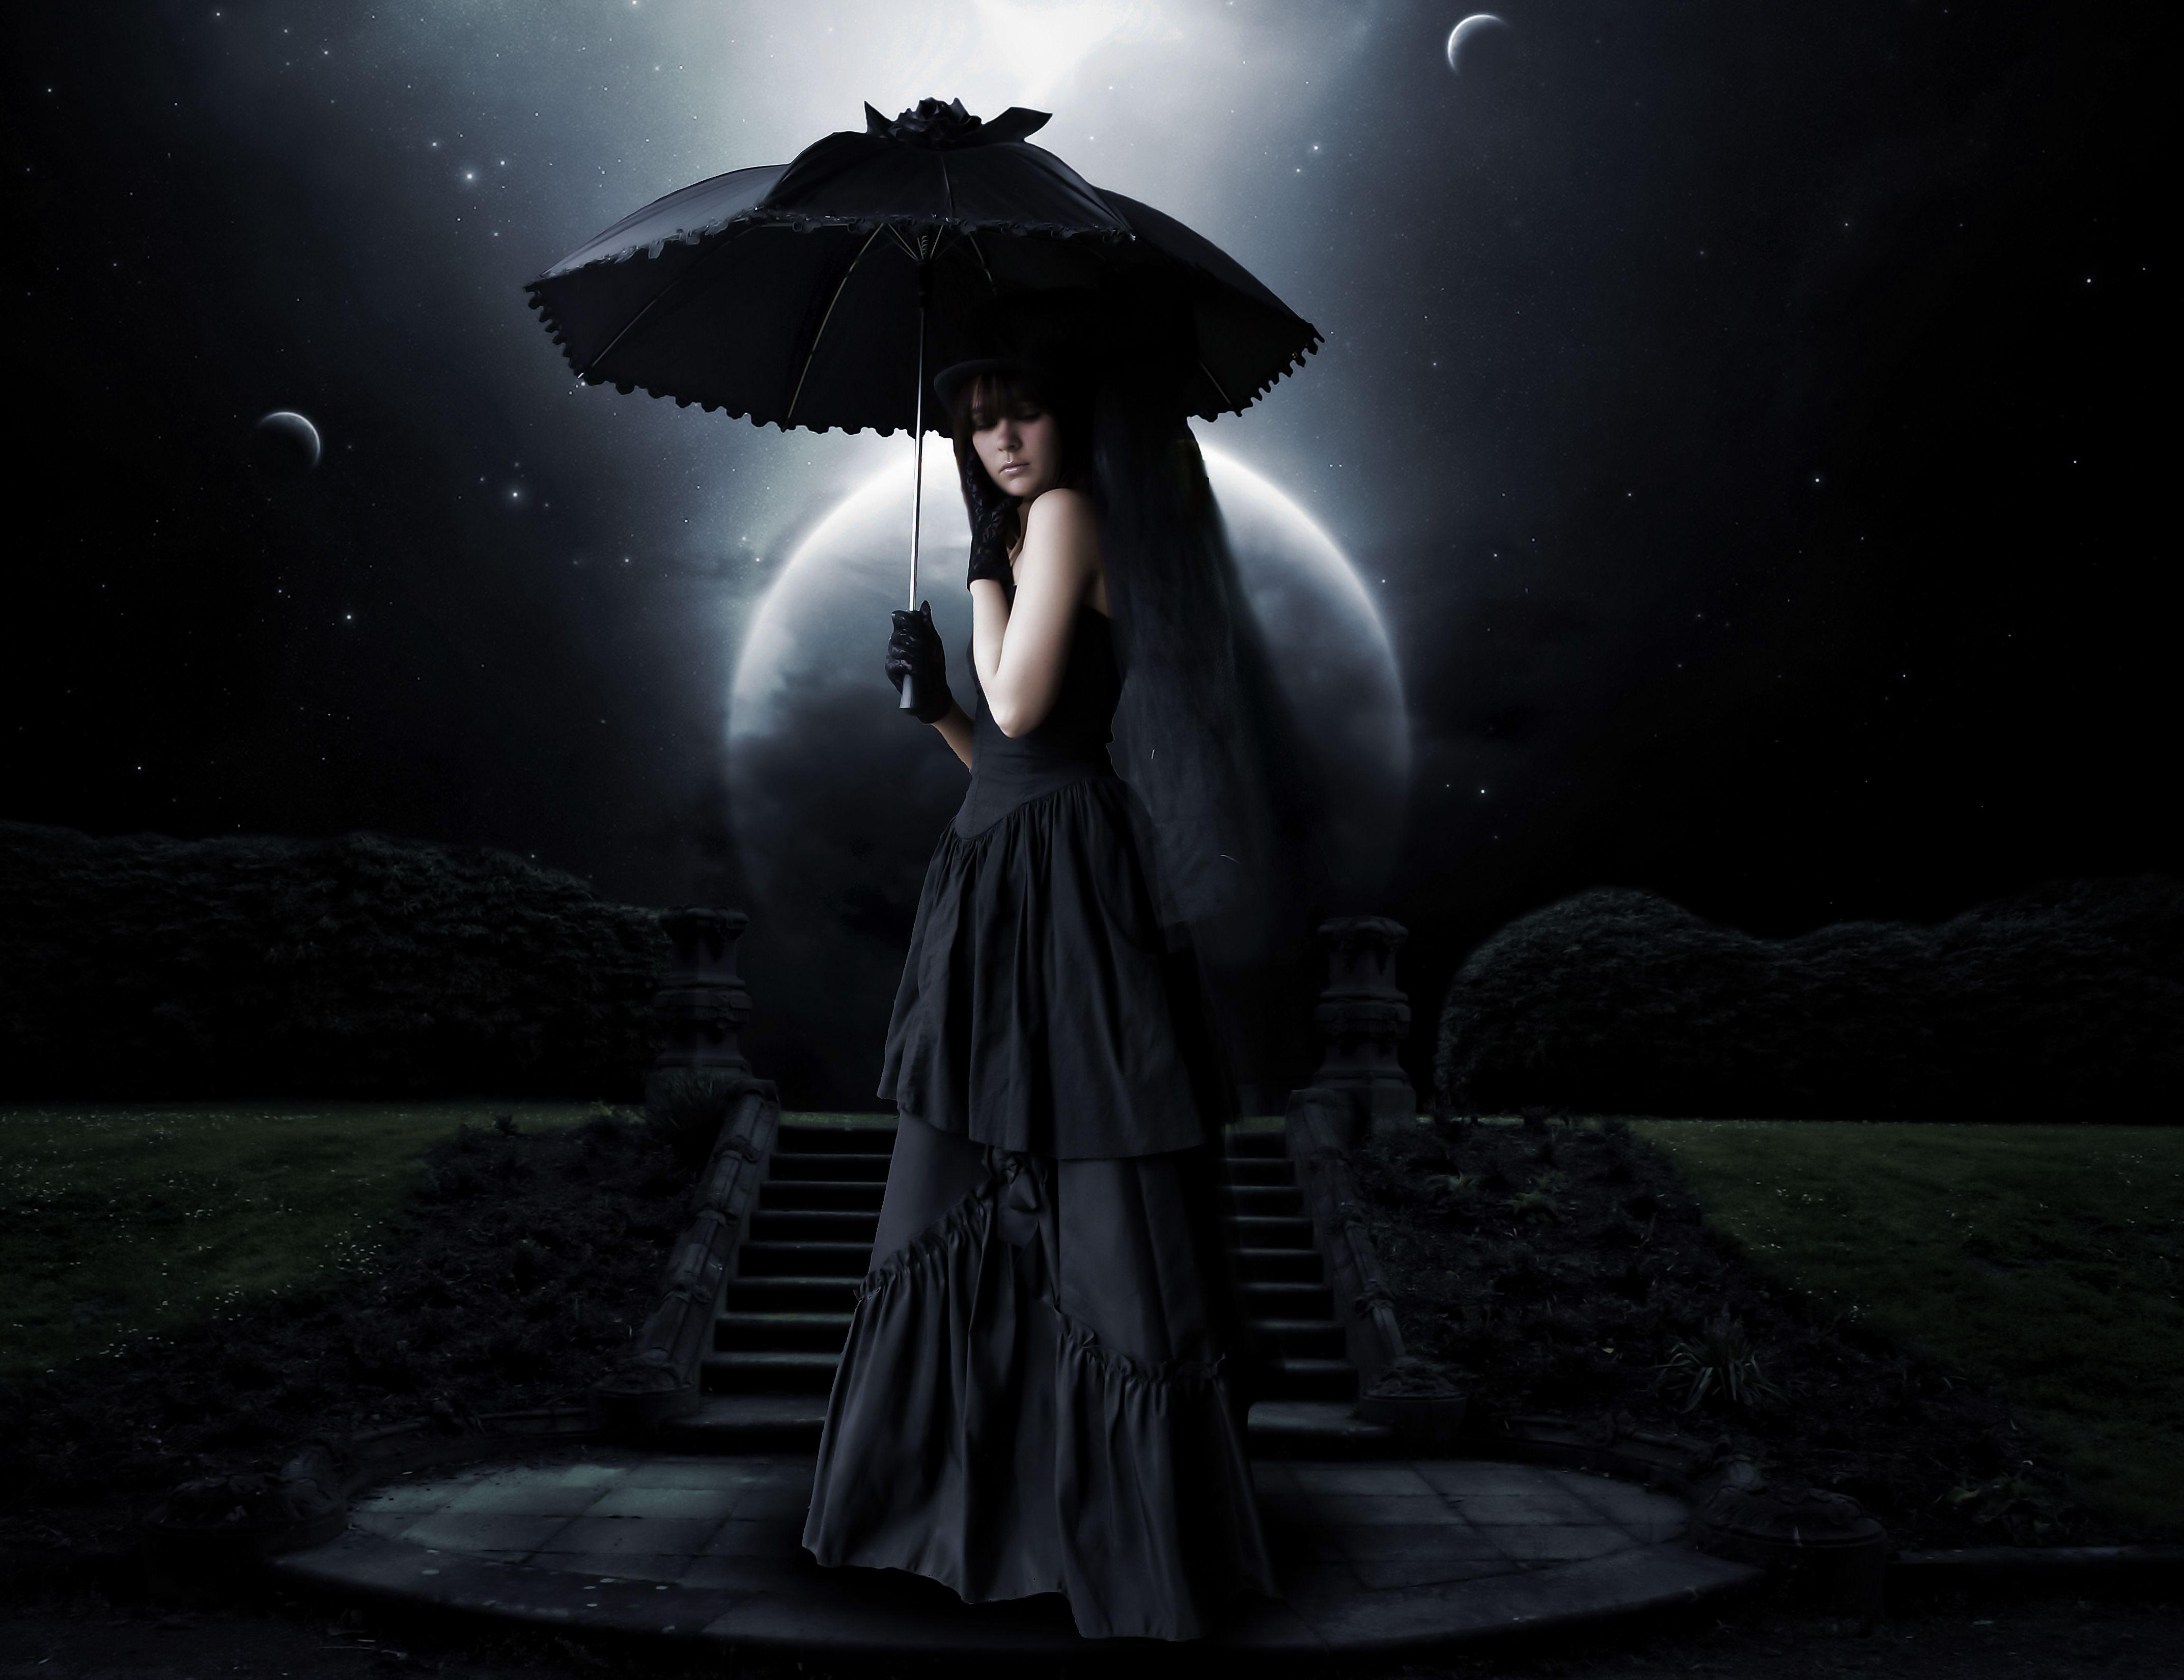 dark gothic moonlight goth wallpaper | dark | pinterest | gothic